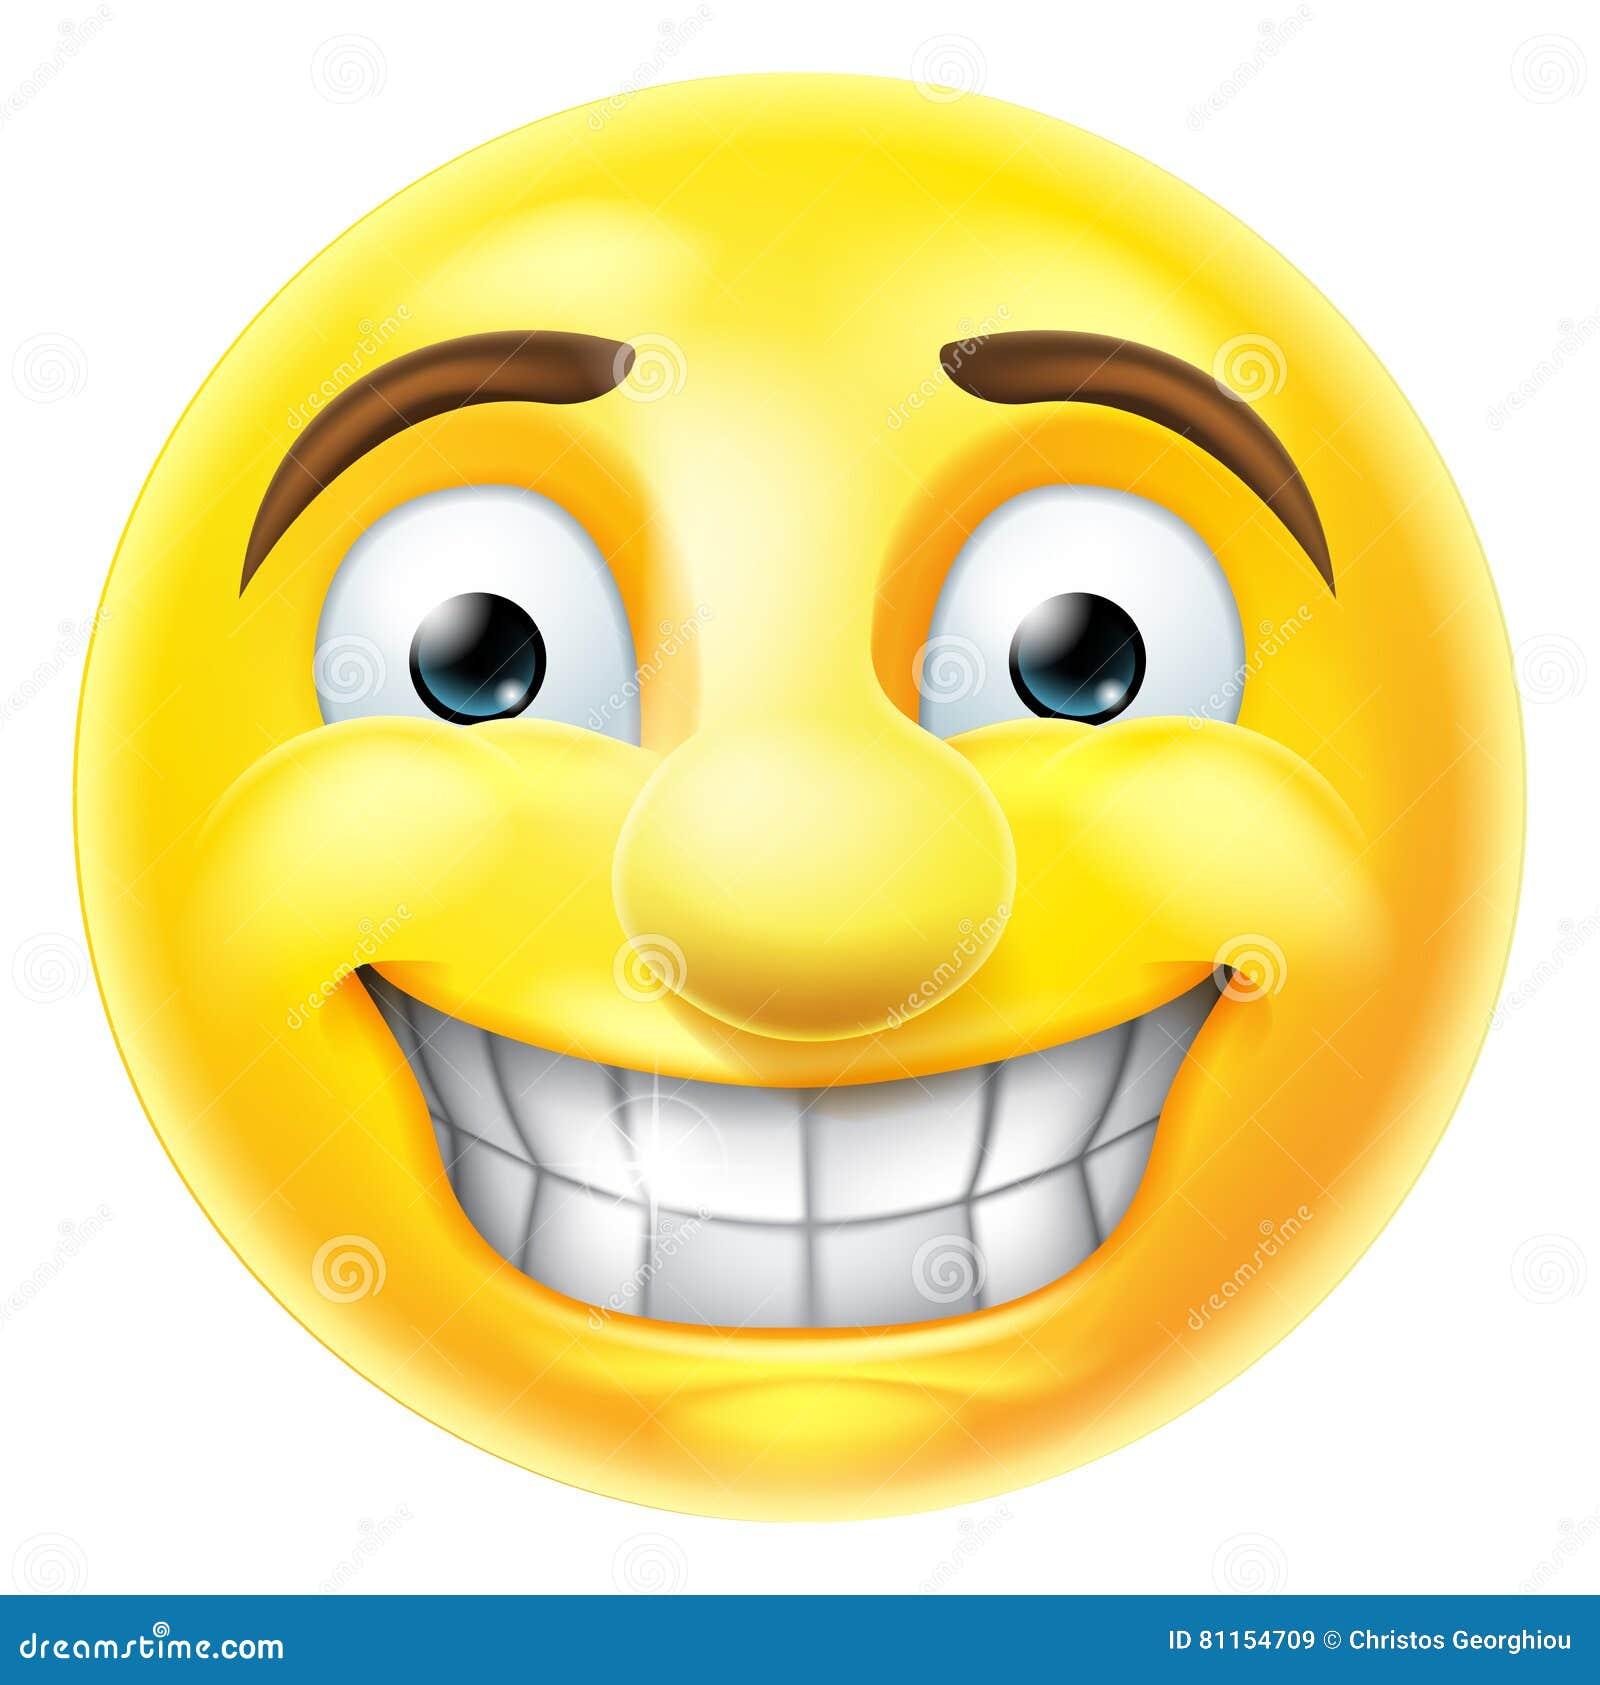 Nervous Grin Emoji Emoticon Stock Vector Illustration Of